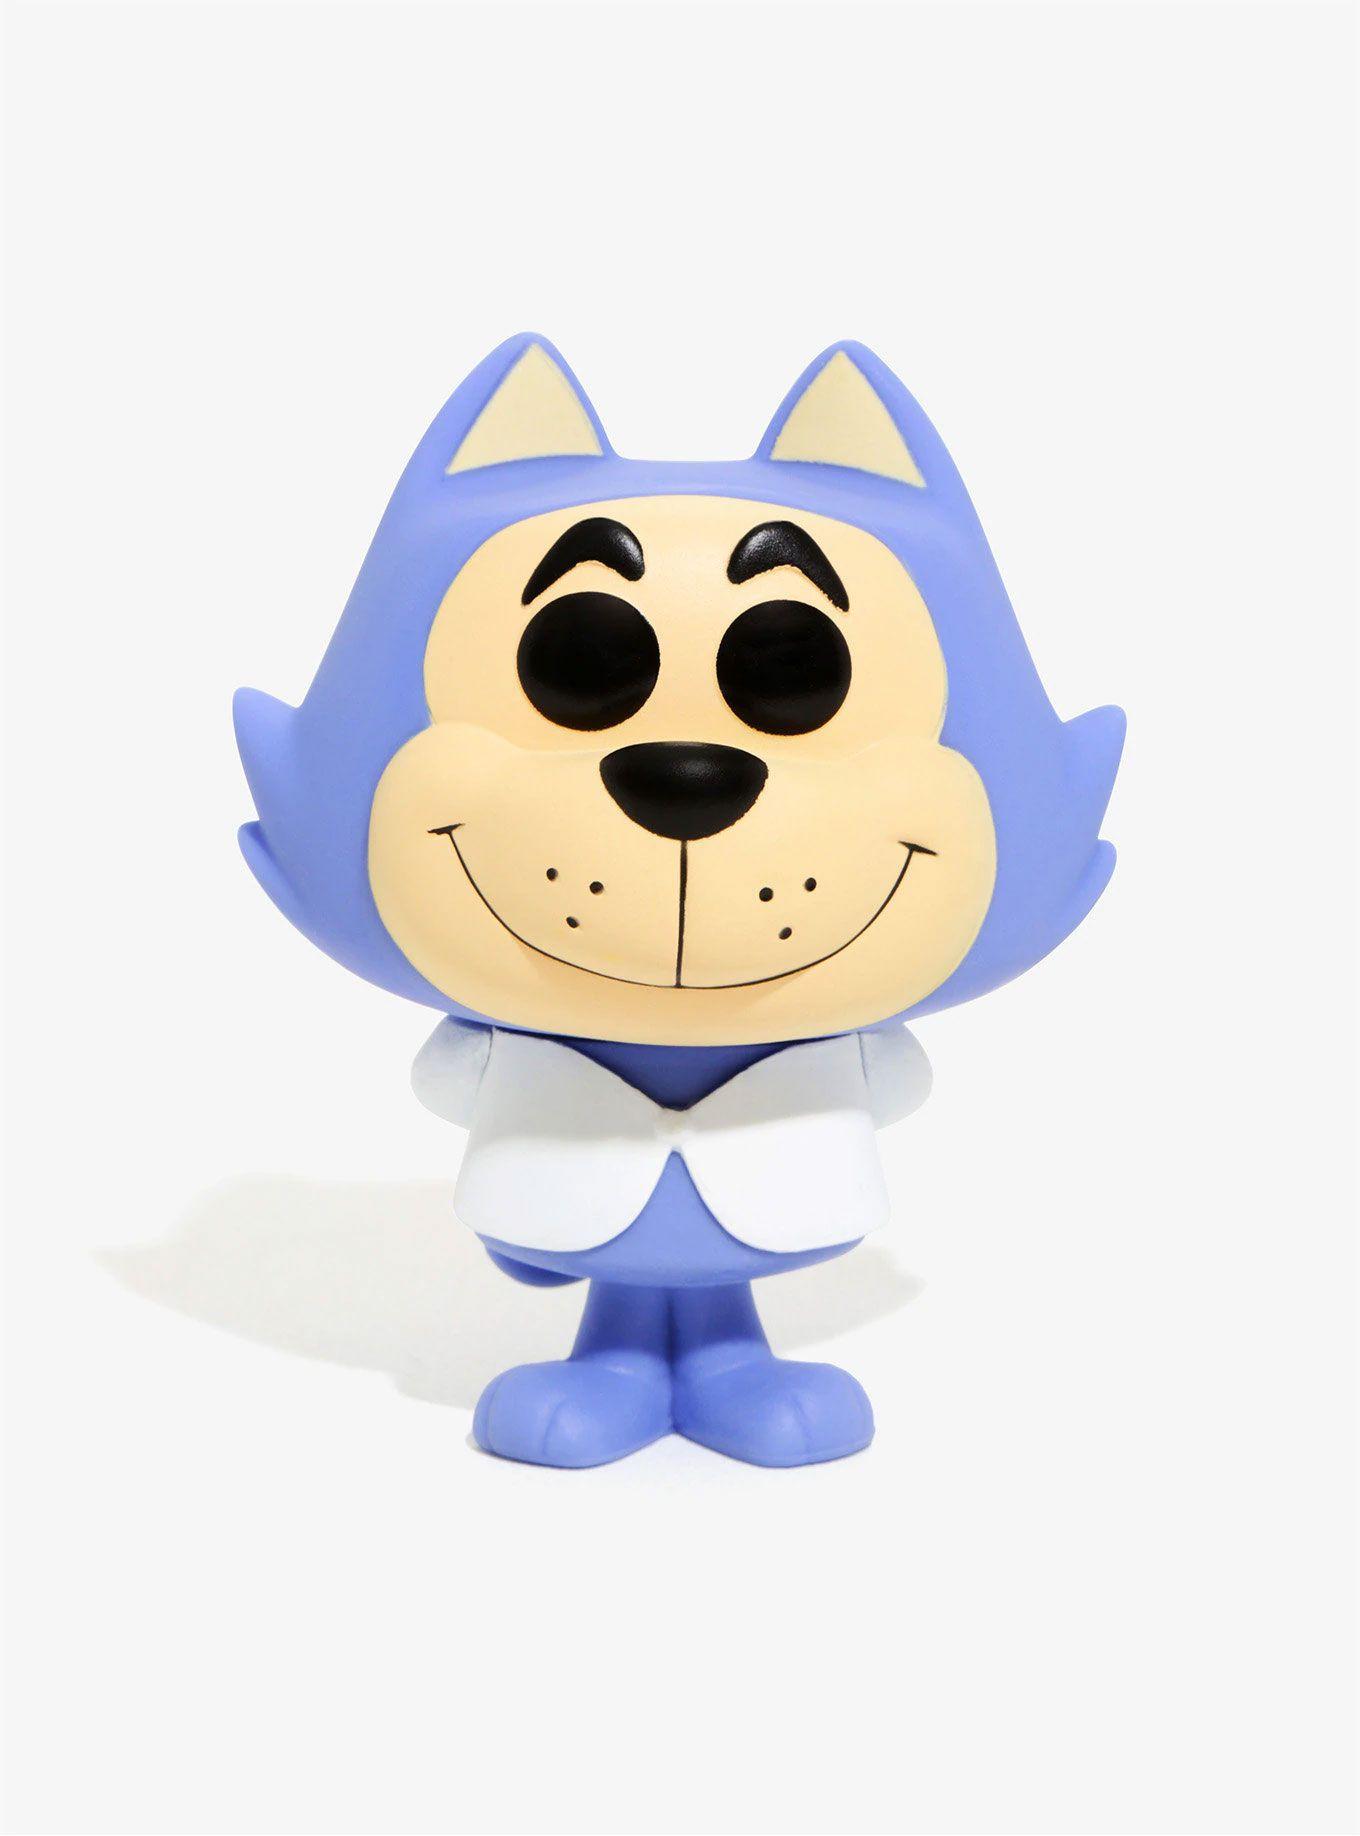 Benny The Ball #280 ( Batatinha ) - Hanna-Barbera - Funko Pop! Animation